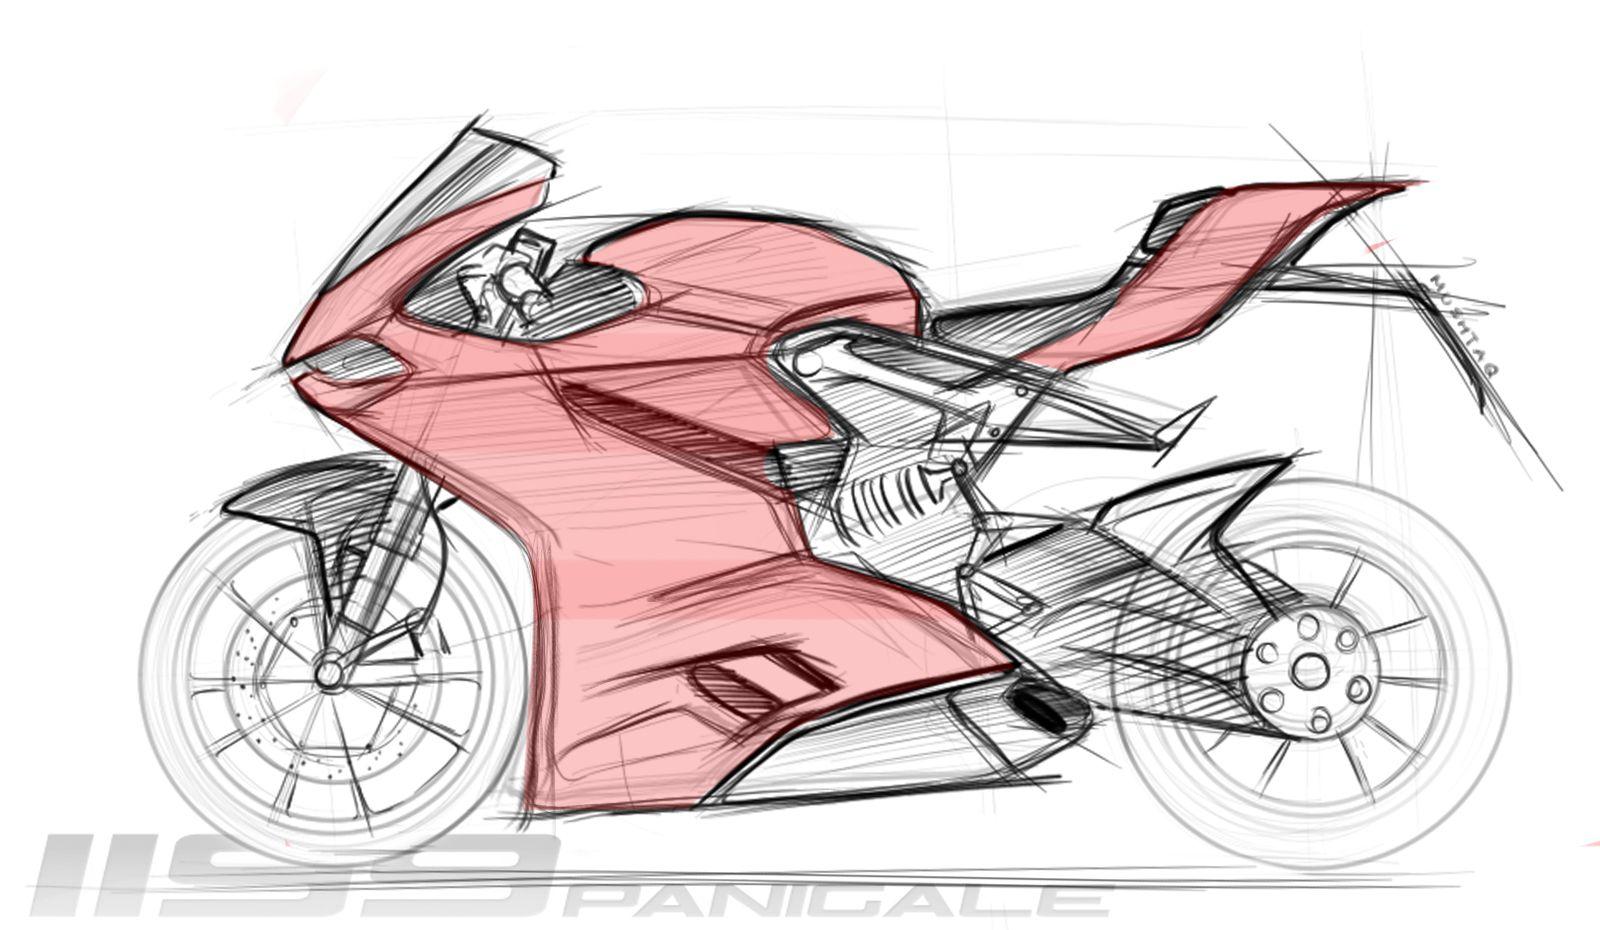 Pannigale Sketch Bike Sketch Motorcycle Drawing Bike Drawing